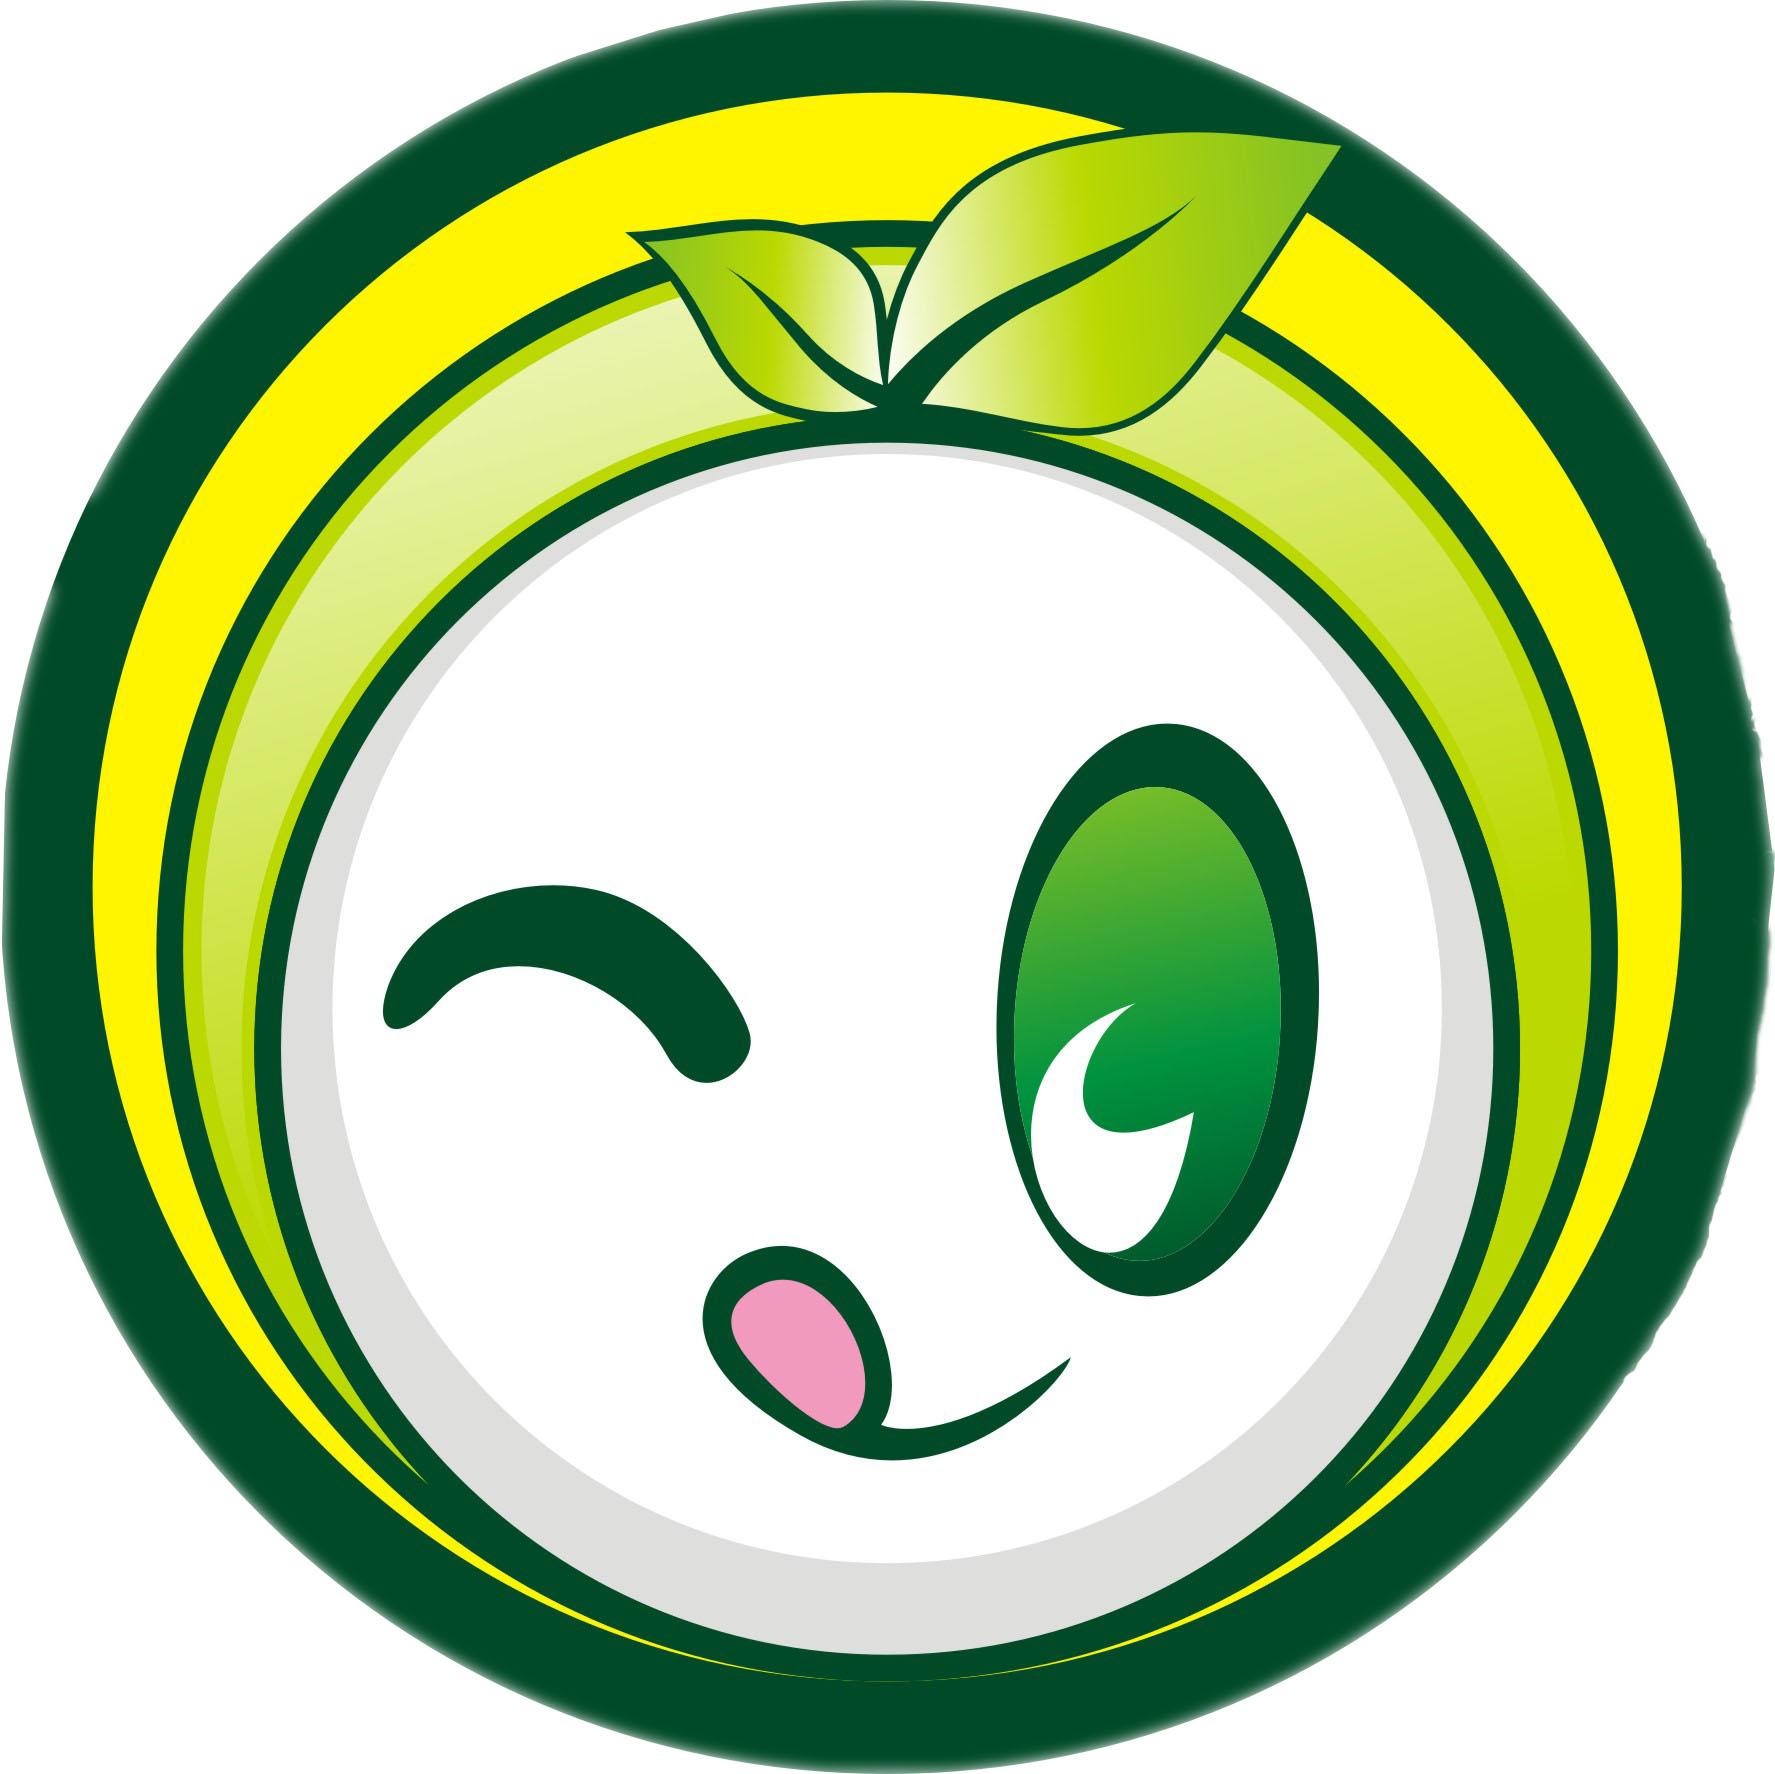 logo logo 标志 设计 矢量 矢量图 素材 图标 1775_1774